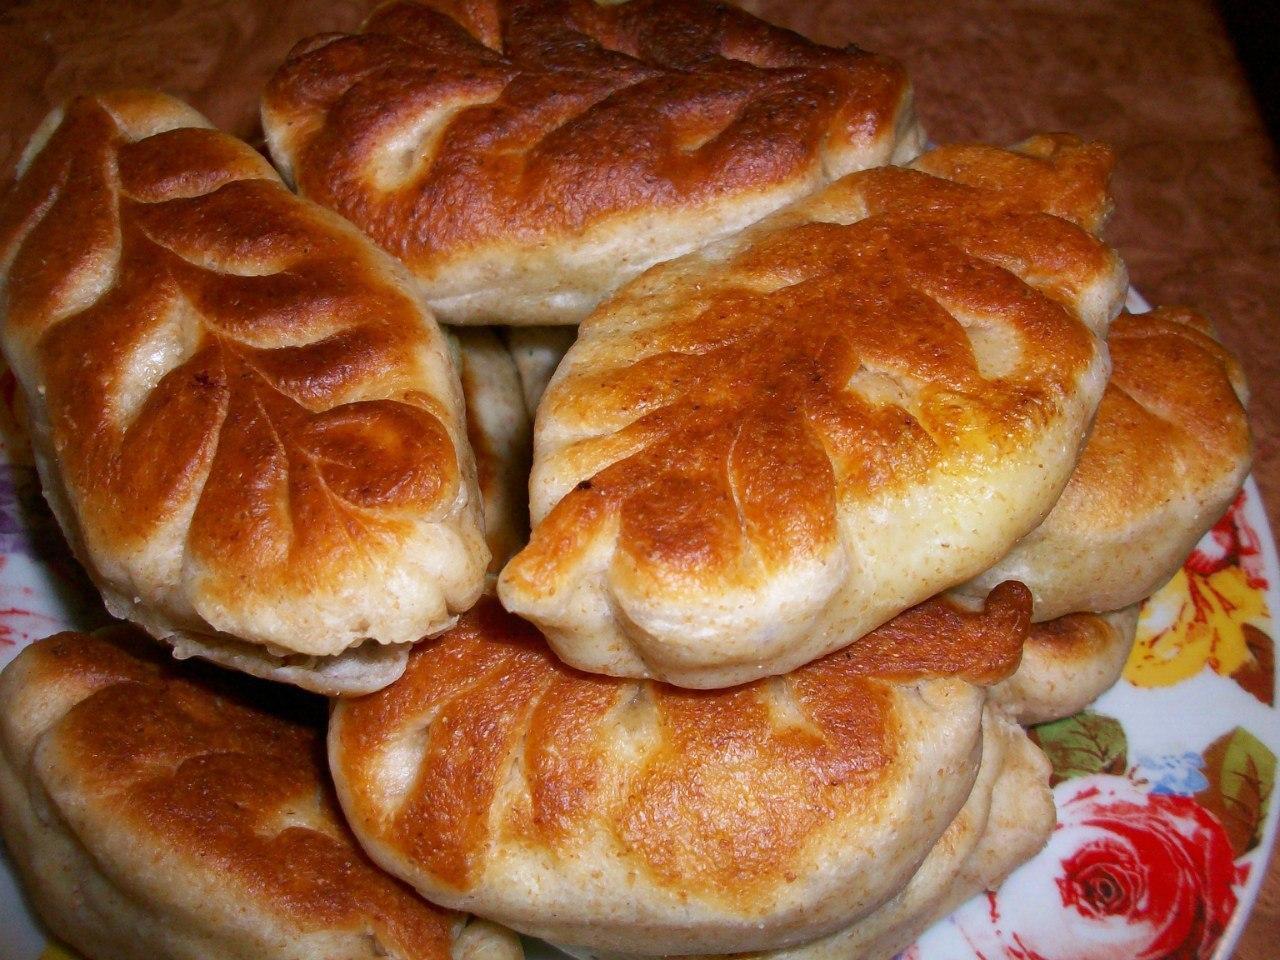 Постное дрожжевое тесто для жареных пирожков пошаговый рецепт с фото